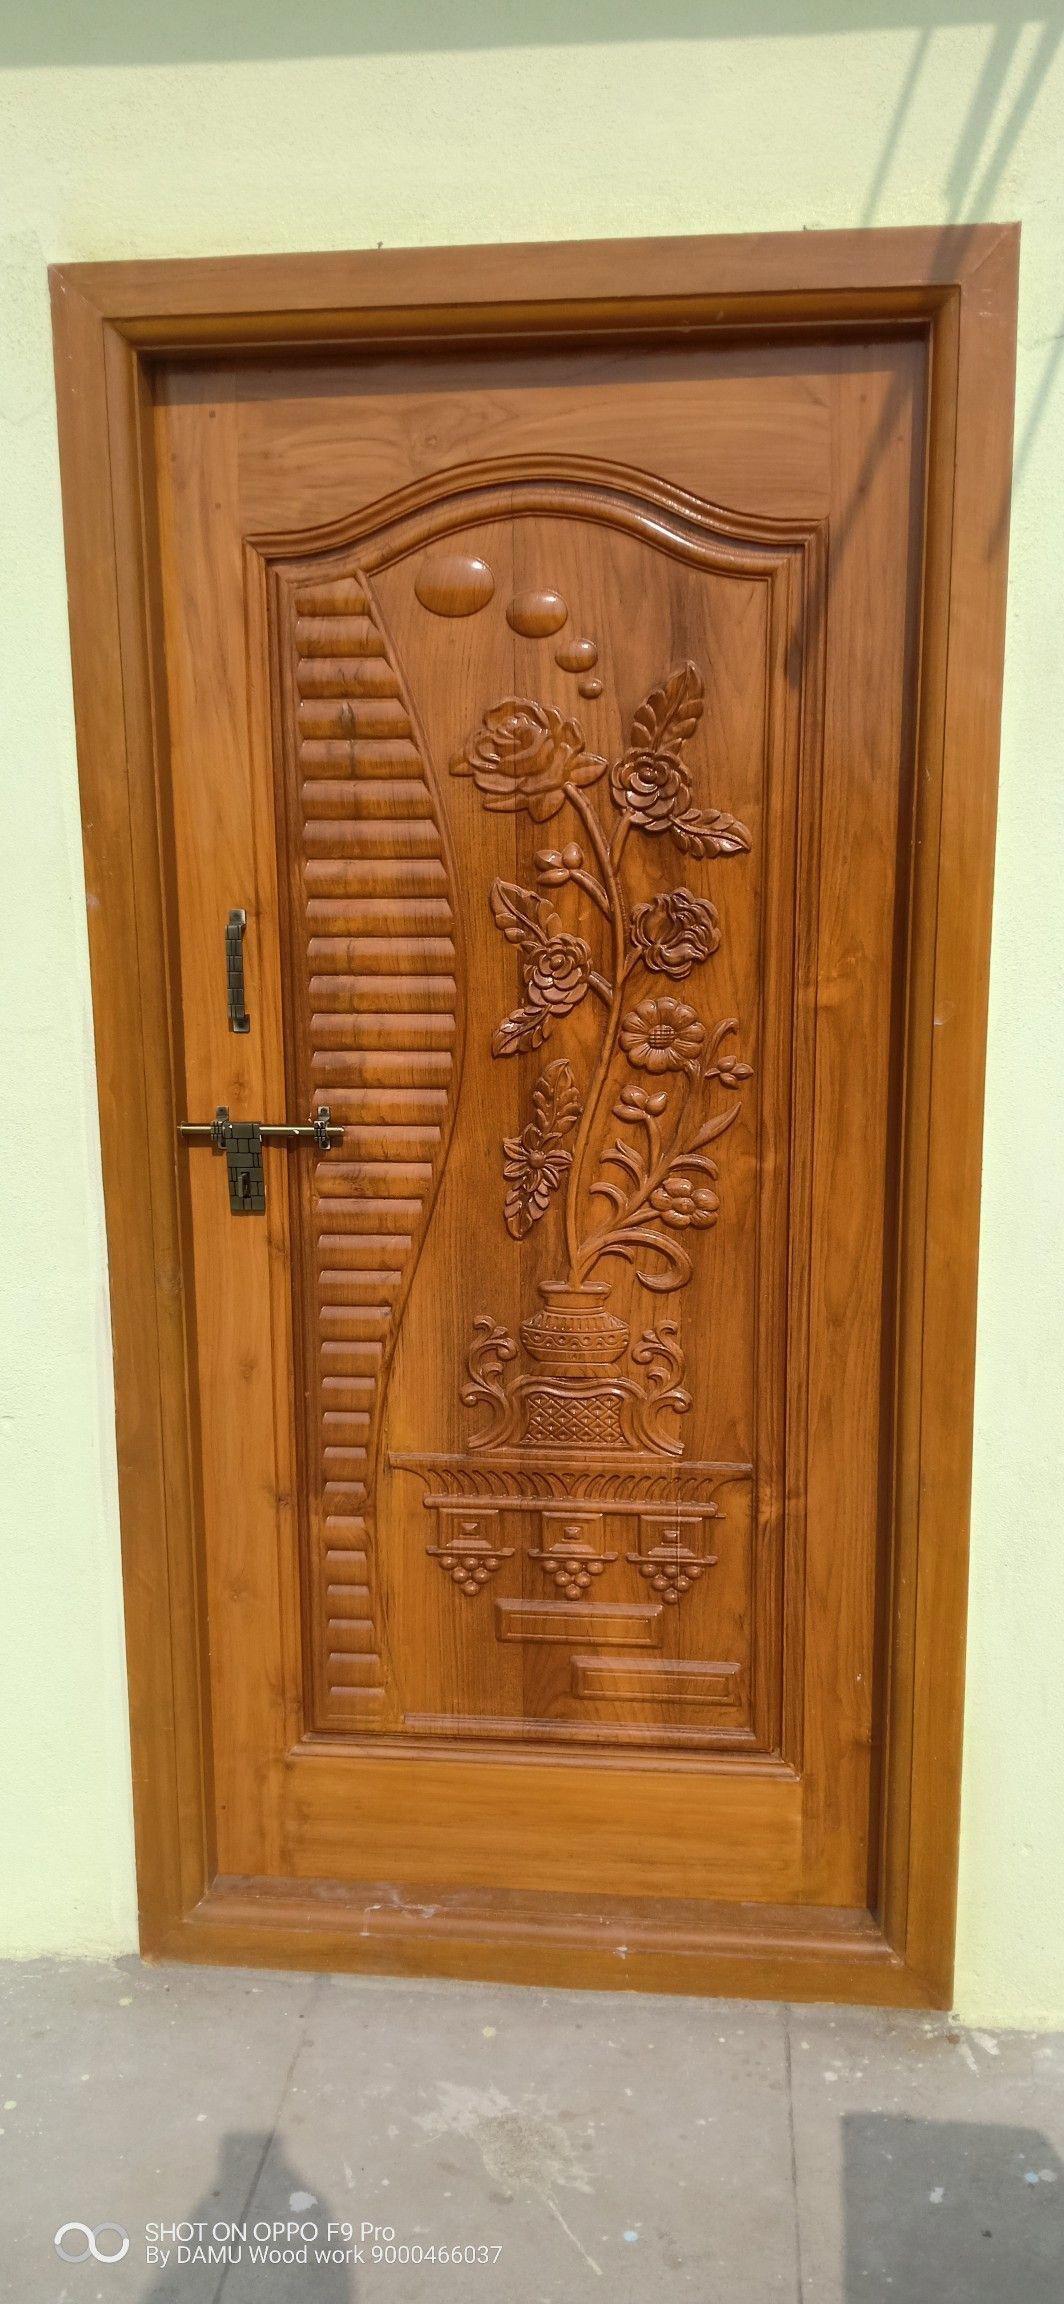 Inside French Doors Door Replacement Six Panel Prehung Interior Doors 20190811 Front Door Design Wood Single Door Design Wooden Main Door Design